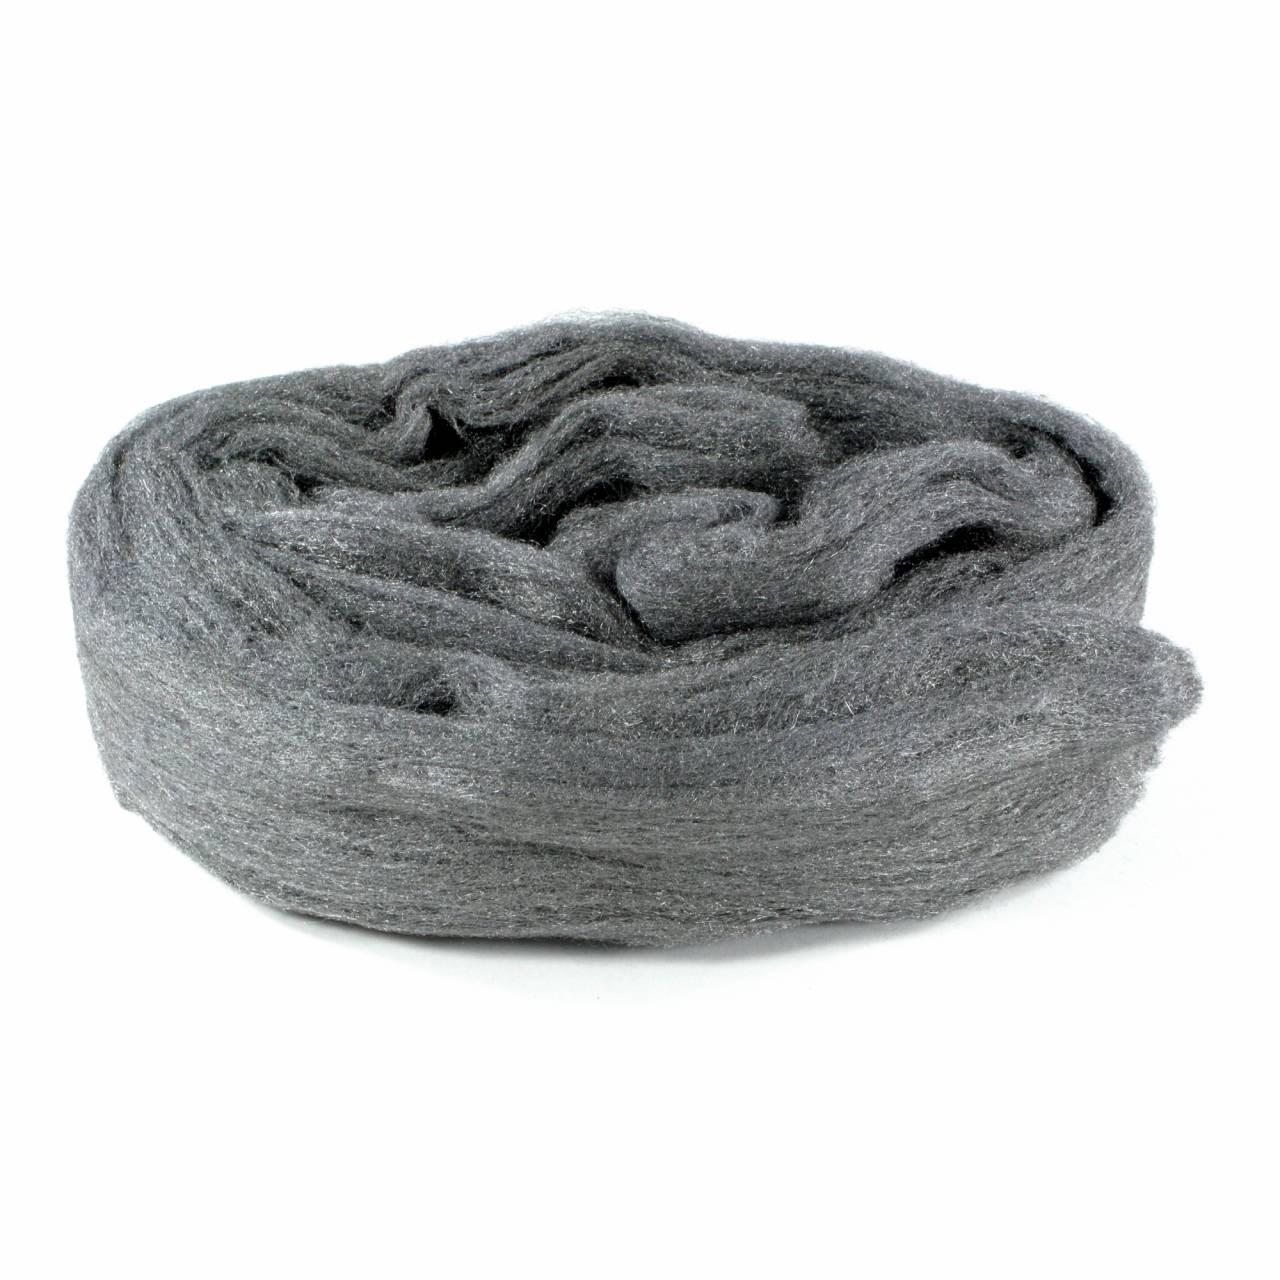 Stahlwolle Gr. 00, sehr fein / Pck a 200 g